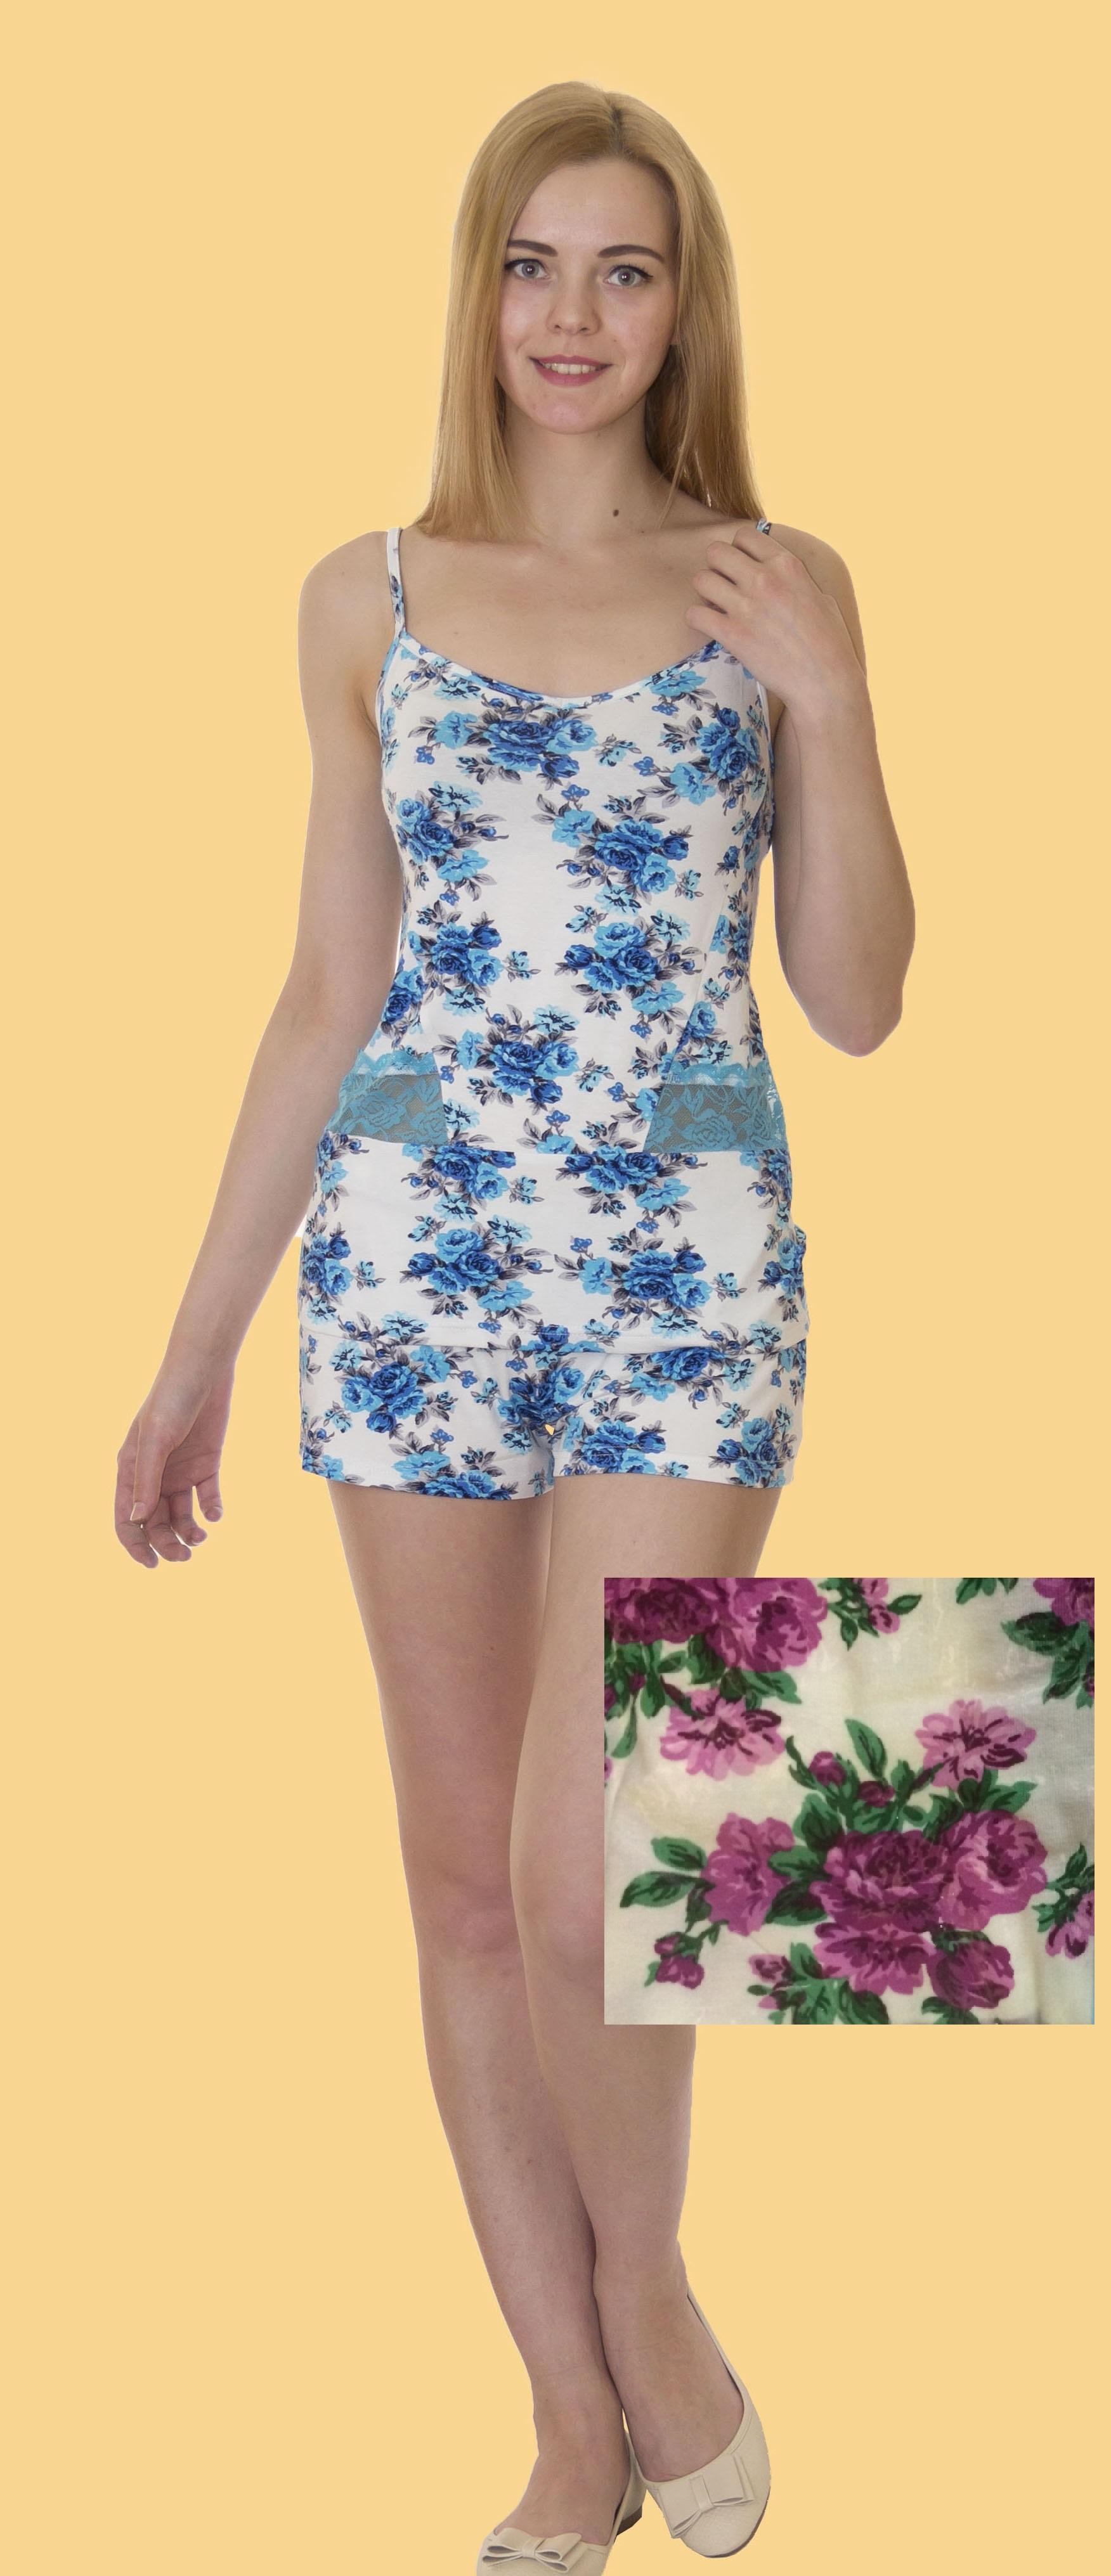 Пижамы Лотос Пижама Ассоль Цвет: Розовые Цветы (xL) пижамы la pastel пижама кофта с запахом длинный рукав штаны длинные белый голубой размер xl